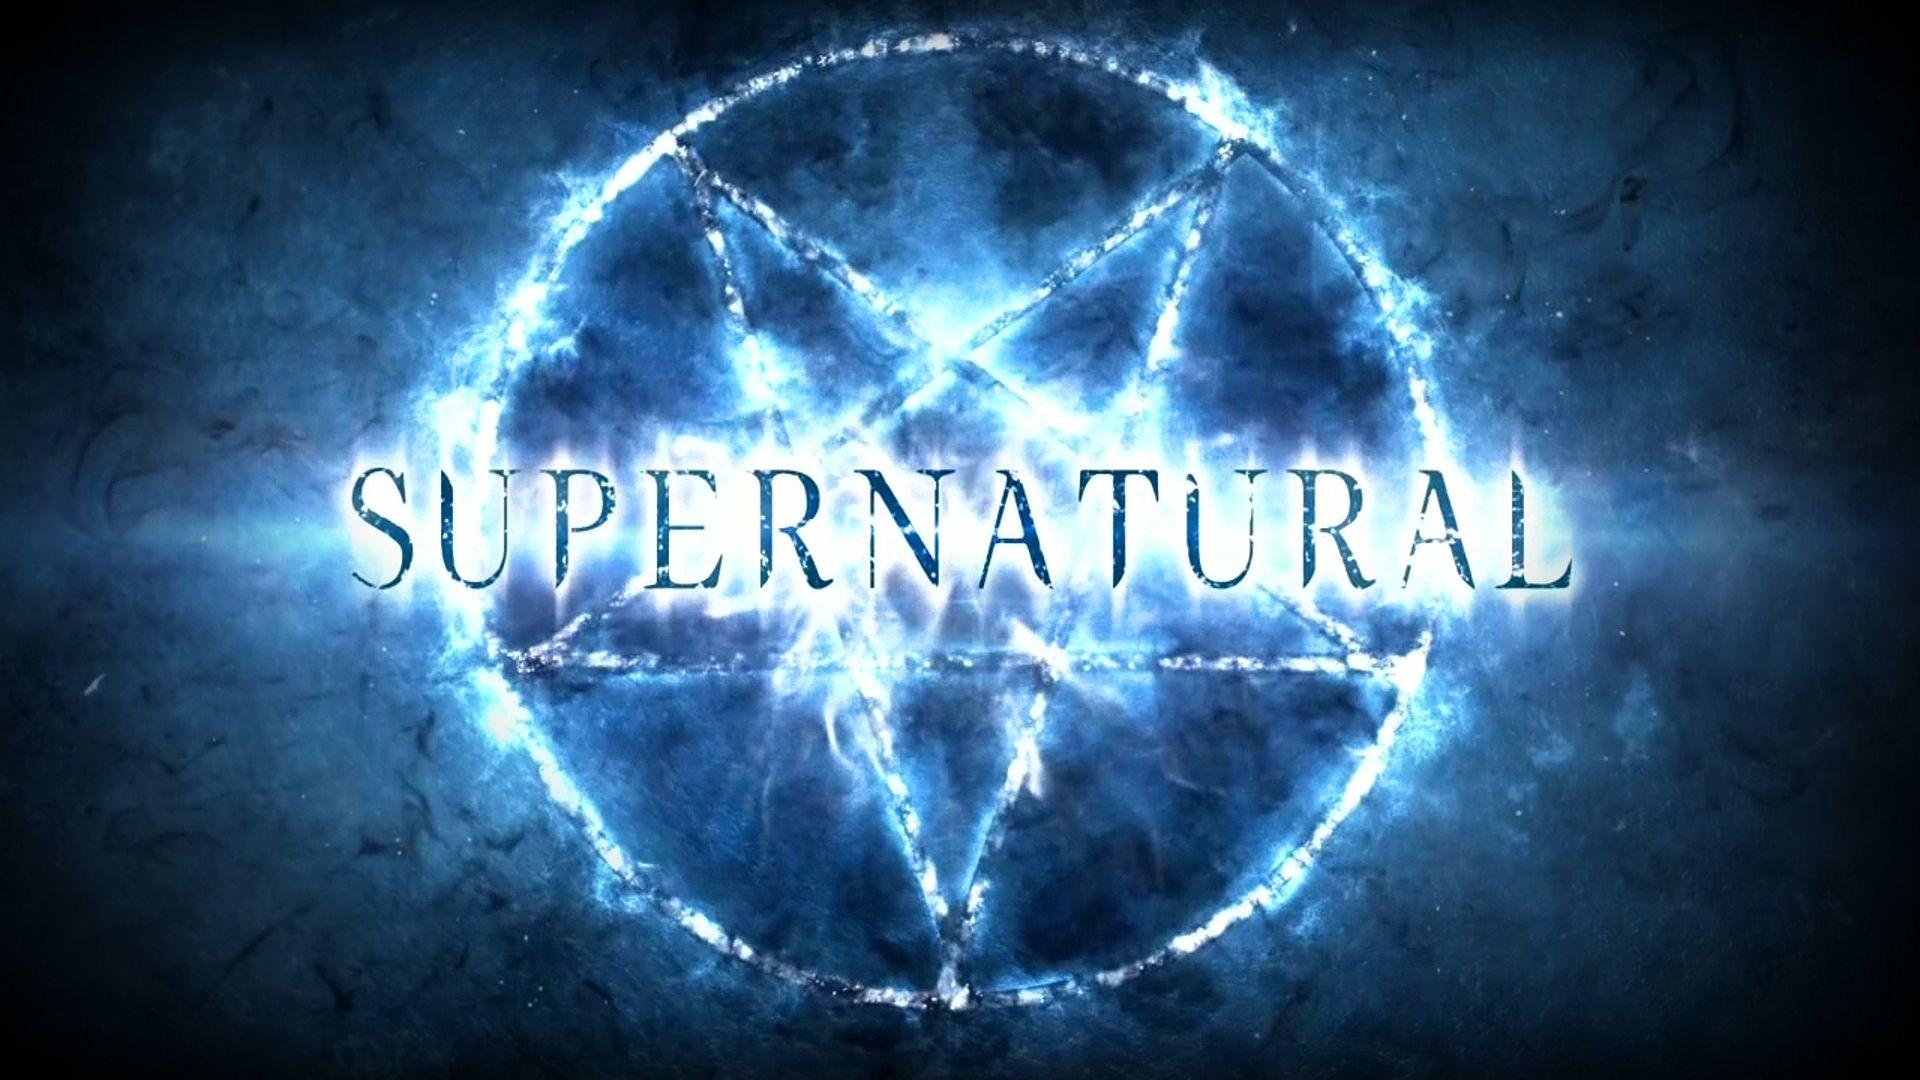 Supernatural Wallpaper Season 10 81 Images